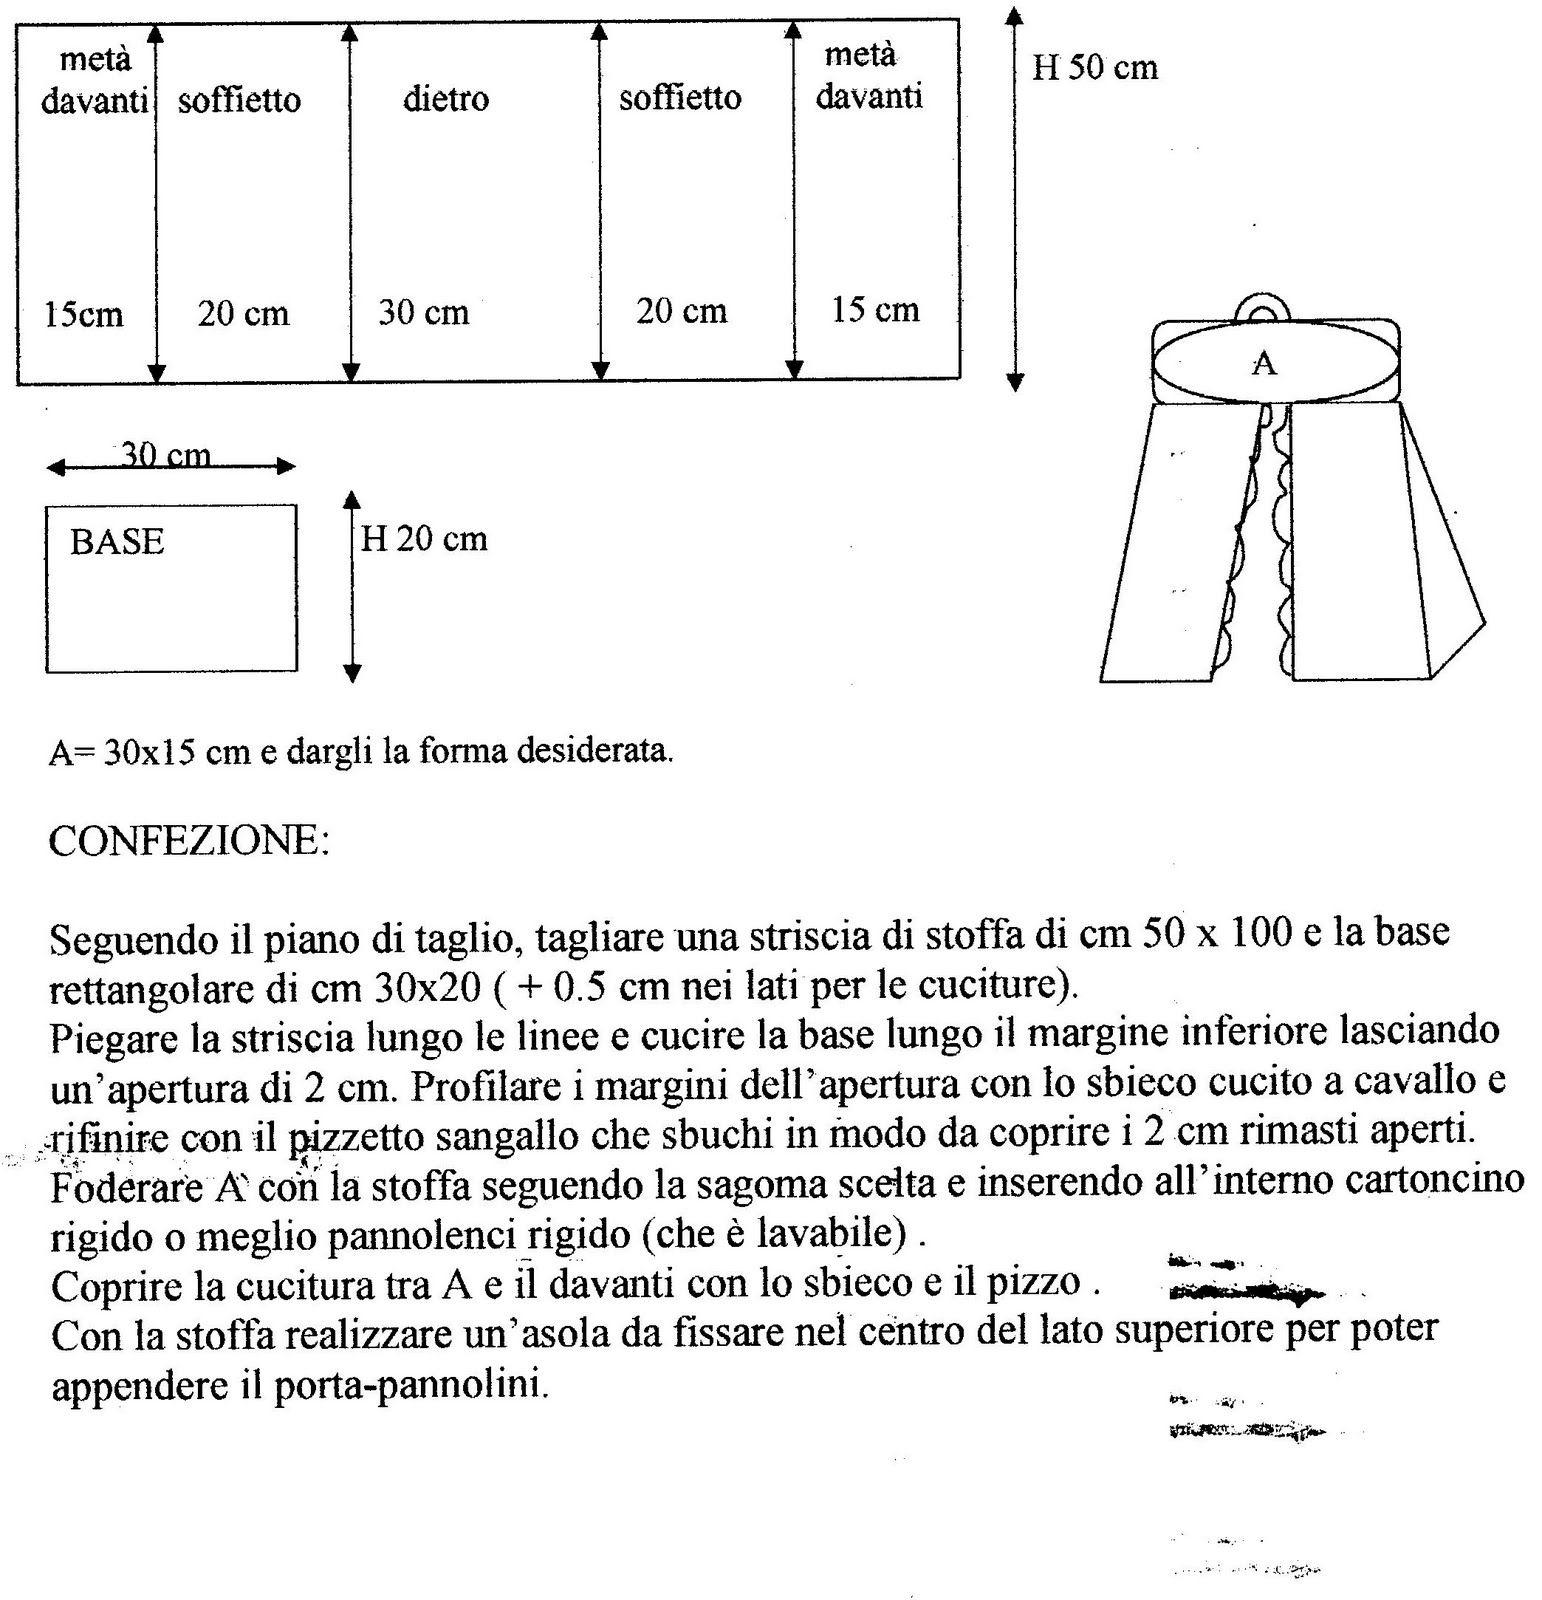 Le fragole di stoffa porta pannolini tutorial schema di for Tutorial fermaporta di stoffa